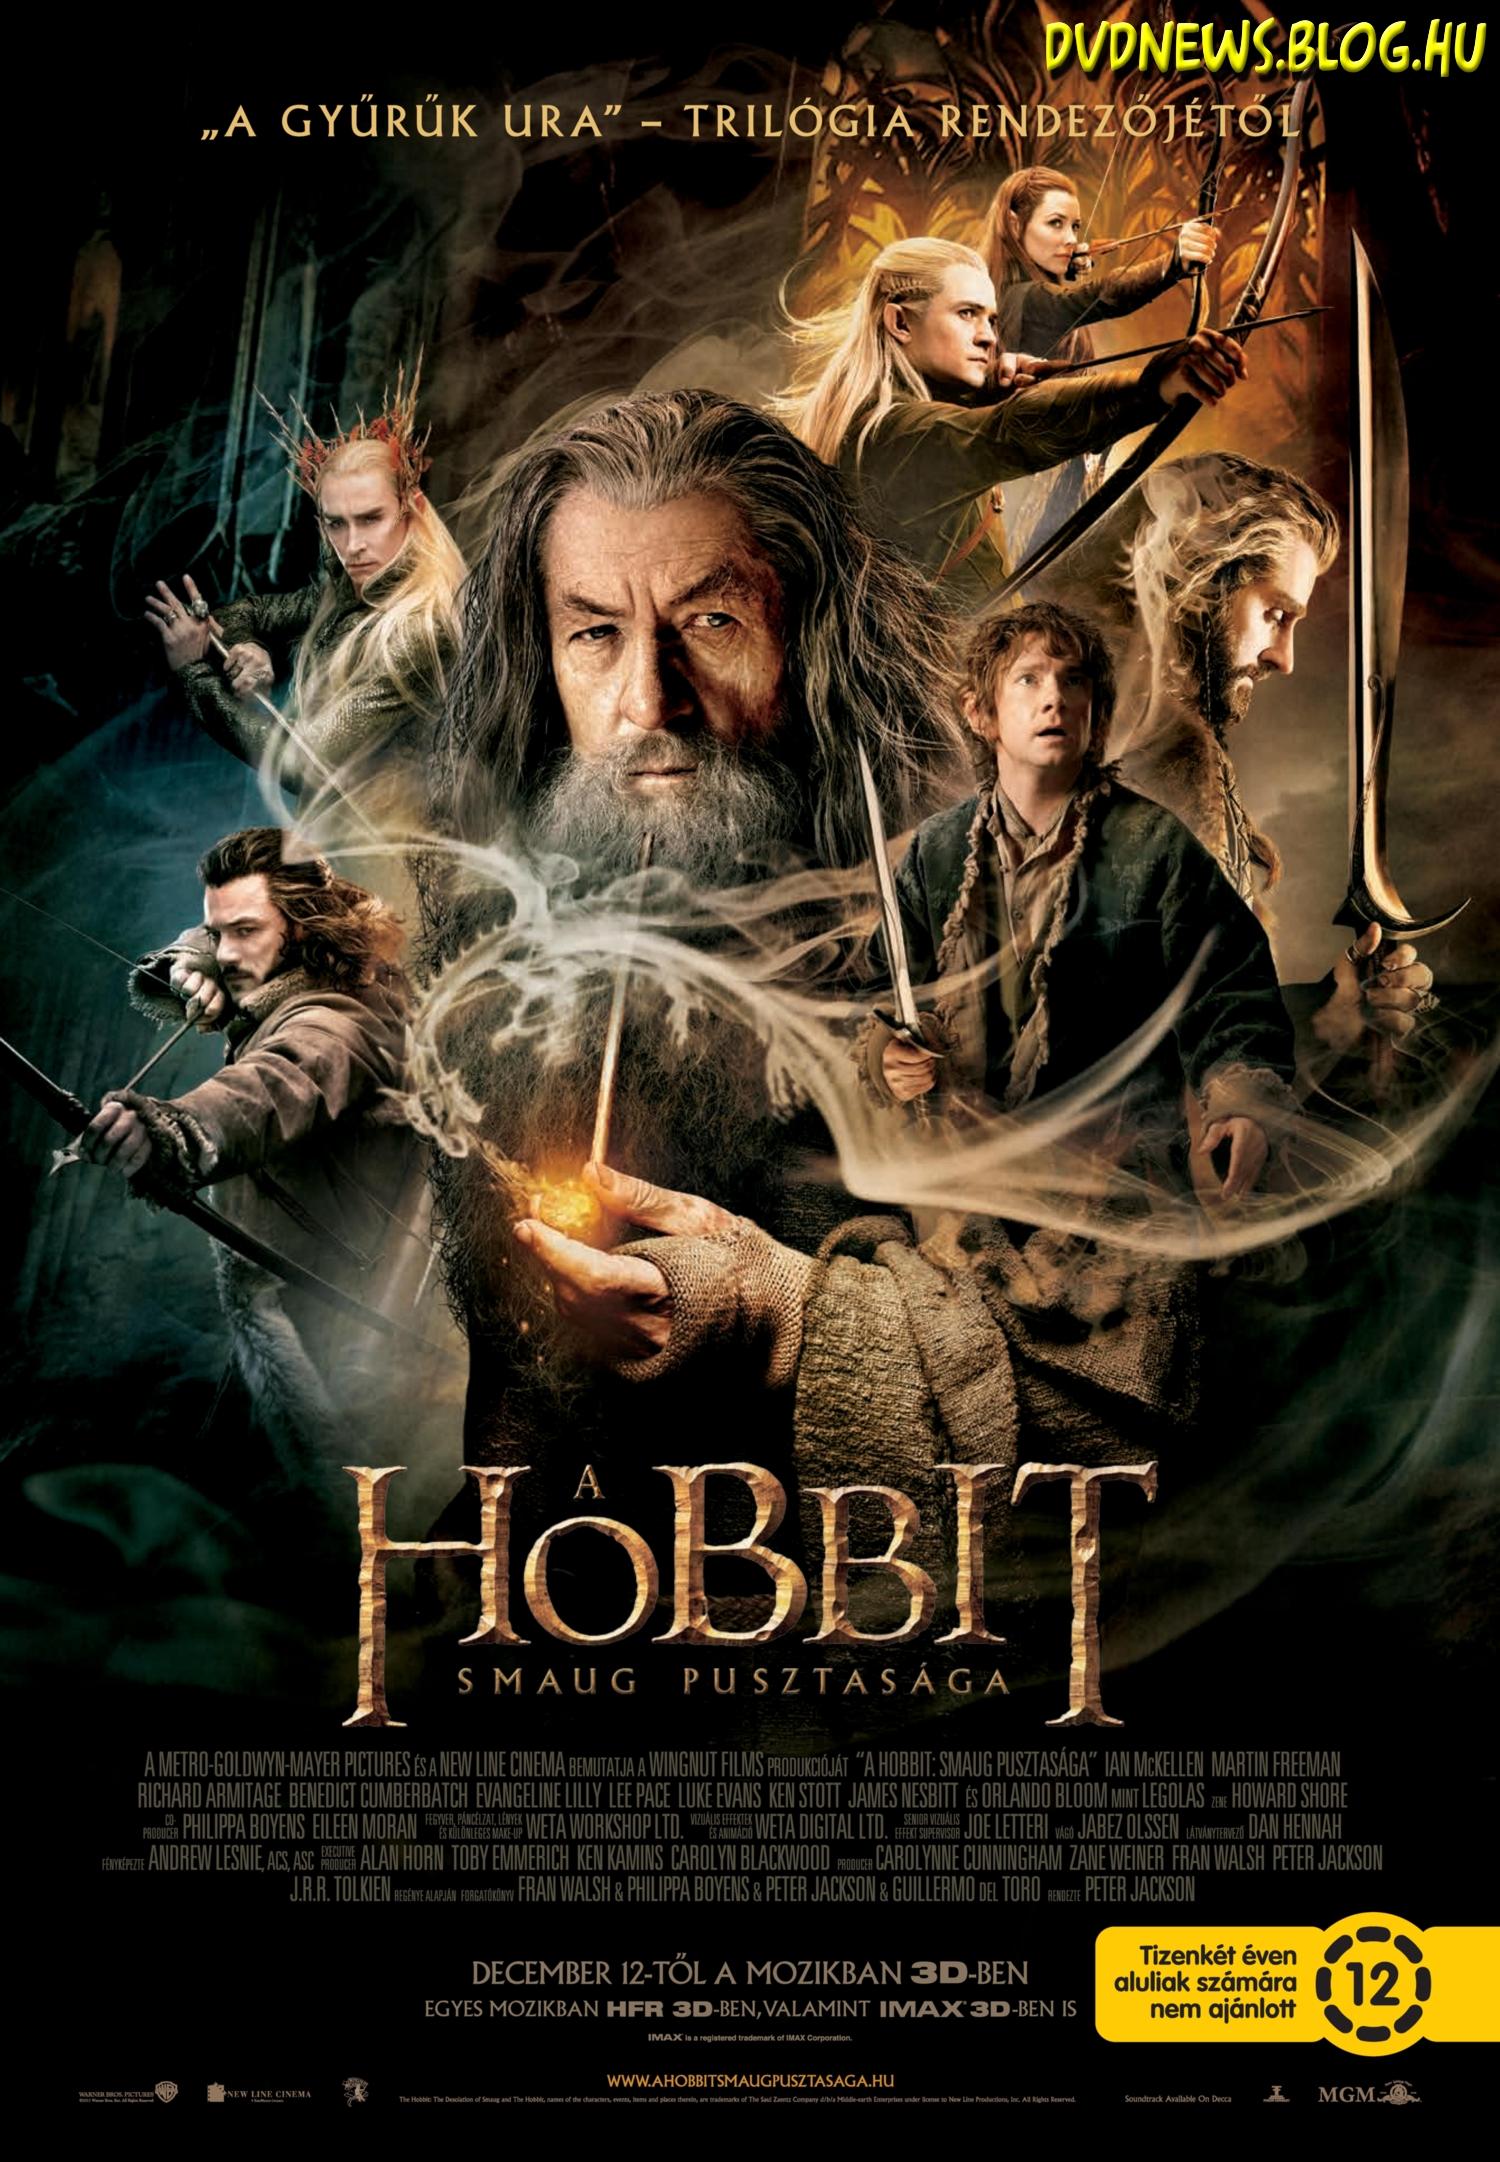 Hobbit2_hun_dvdnews.jpg